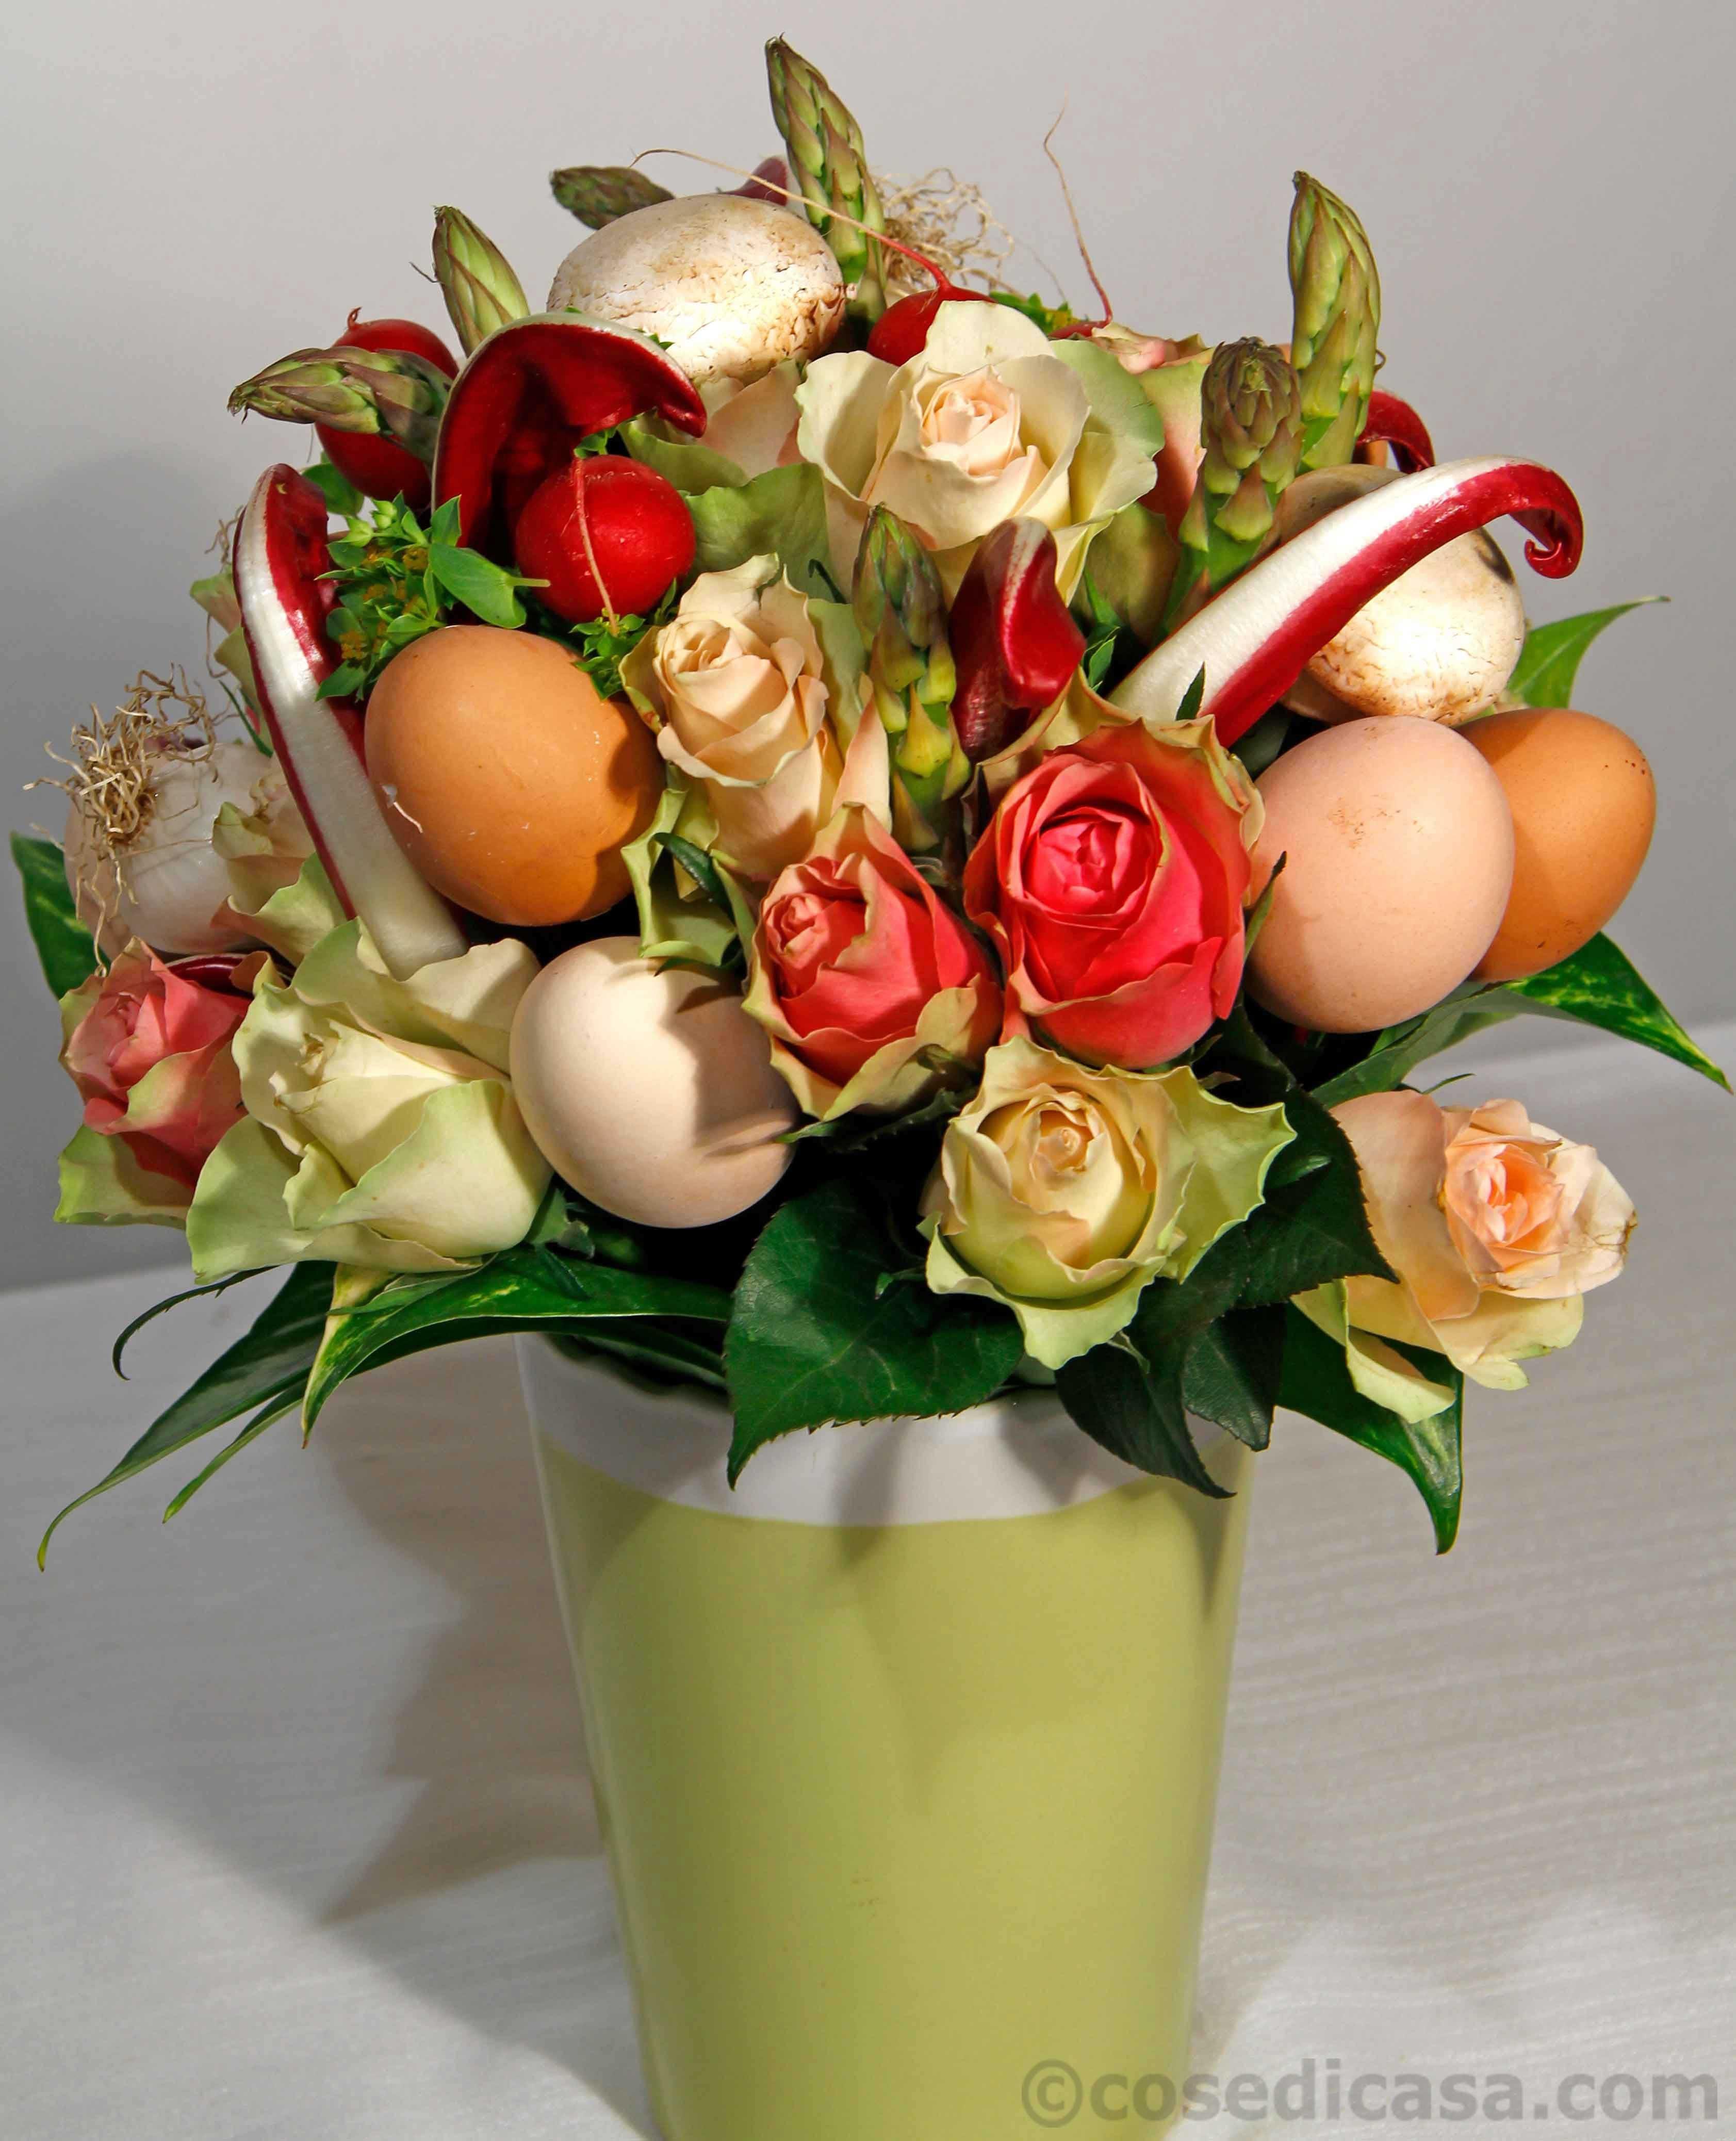 Piante Da Regalare A Pasqua per pasqua, un mazzo di fiori e verdure fai da te - cose di casa